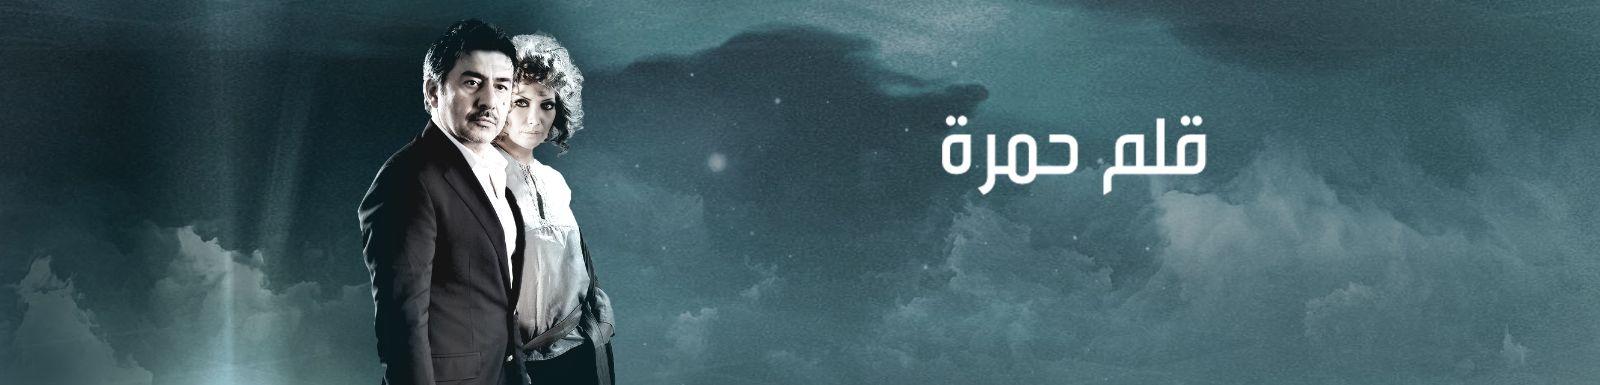 مشاهدة وتحميل مسلسل قلم حمرة الحلقة 17 السابعة عشر كاملة 2014